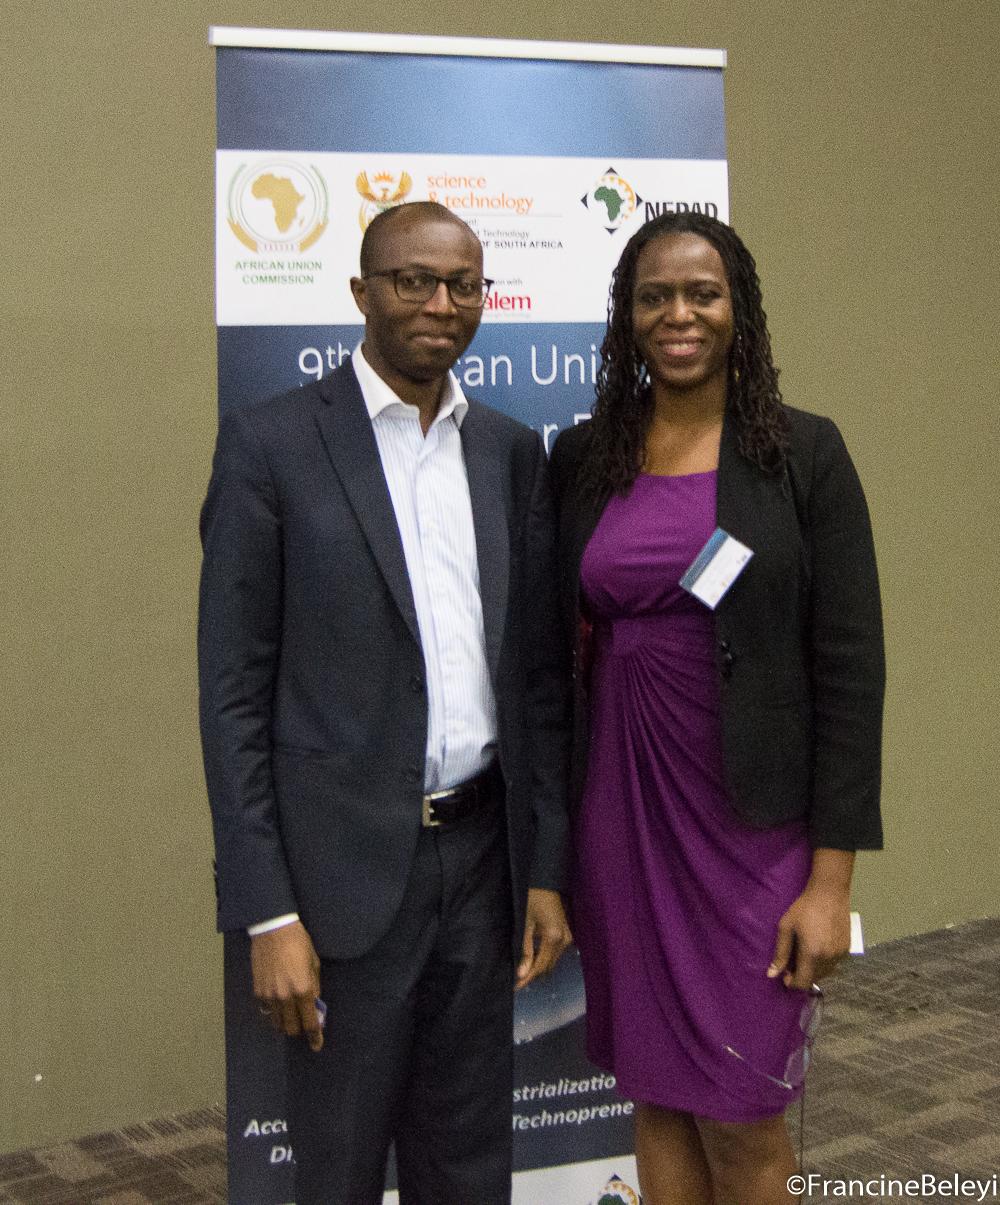 Africa digitalisation & entrepreneurship (38 of 49)